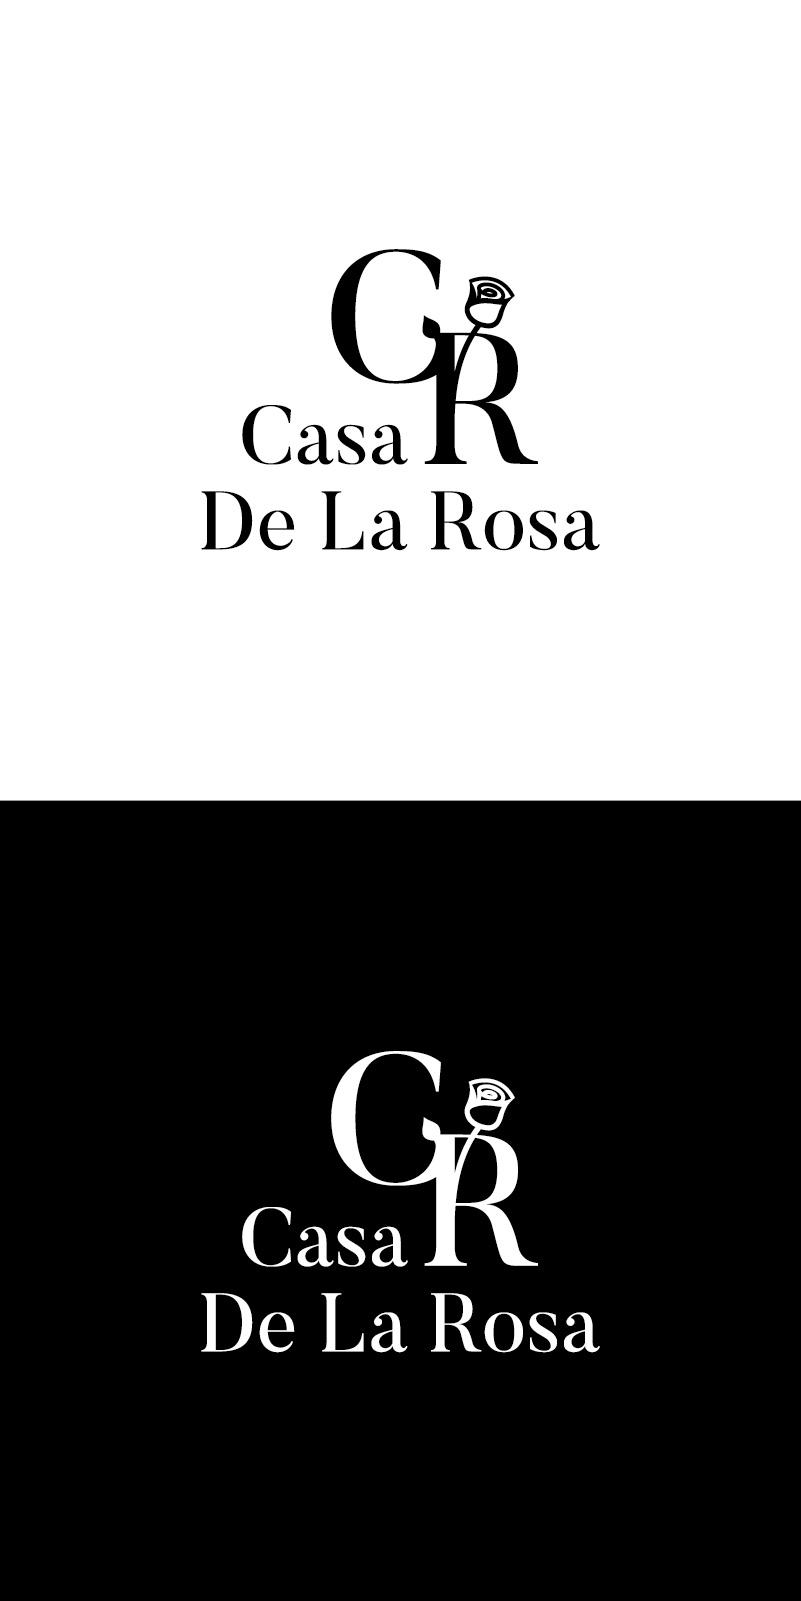 Логотип + Фирменный знак для элитного поселка Casa De La Rosa фото f_2475cd45154d7b63.jpg